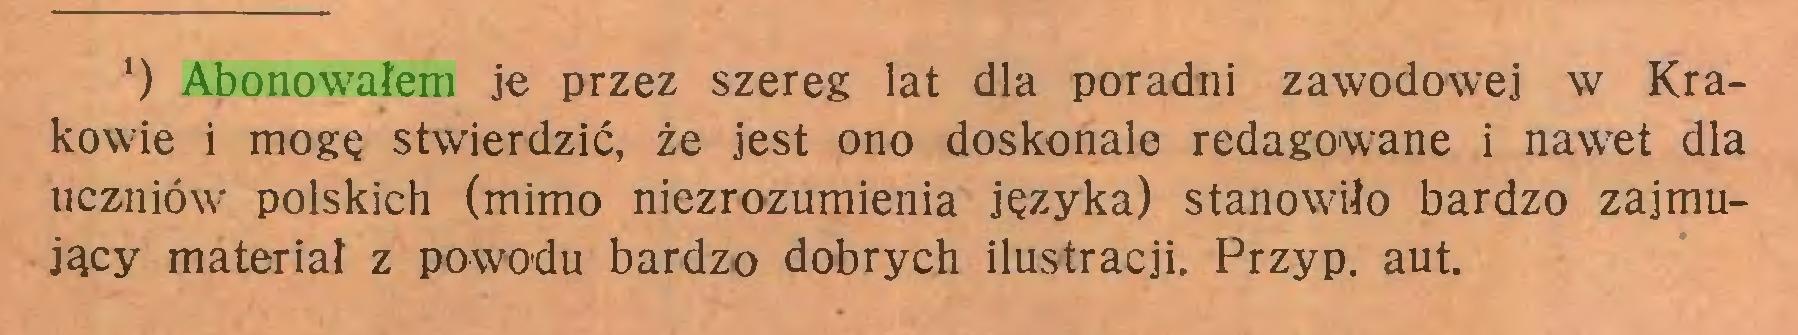 (...) 1) Abonowałem je przez szereg lat dla poradni zawodowej w Krakowie i mogę stwierdzić, że jest ono doskonale redagowane i nawet dla uczniów polskich (mimo niezrozumienia języka) stanowiło bardzo zajmujący materiał z powodu bardzo dobrych ilustracji. Przyp. aut...